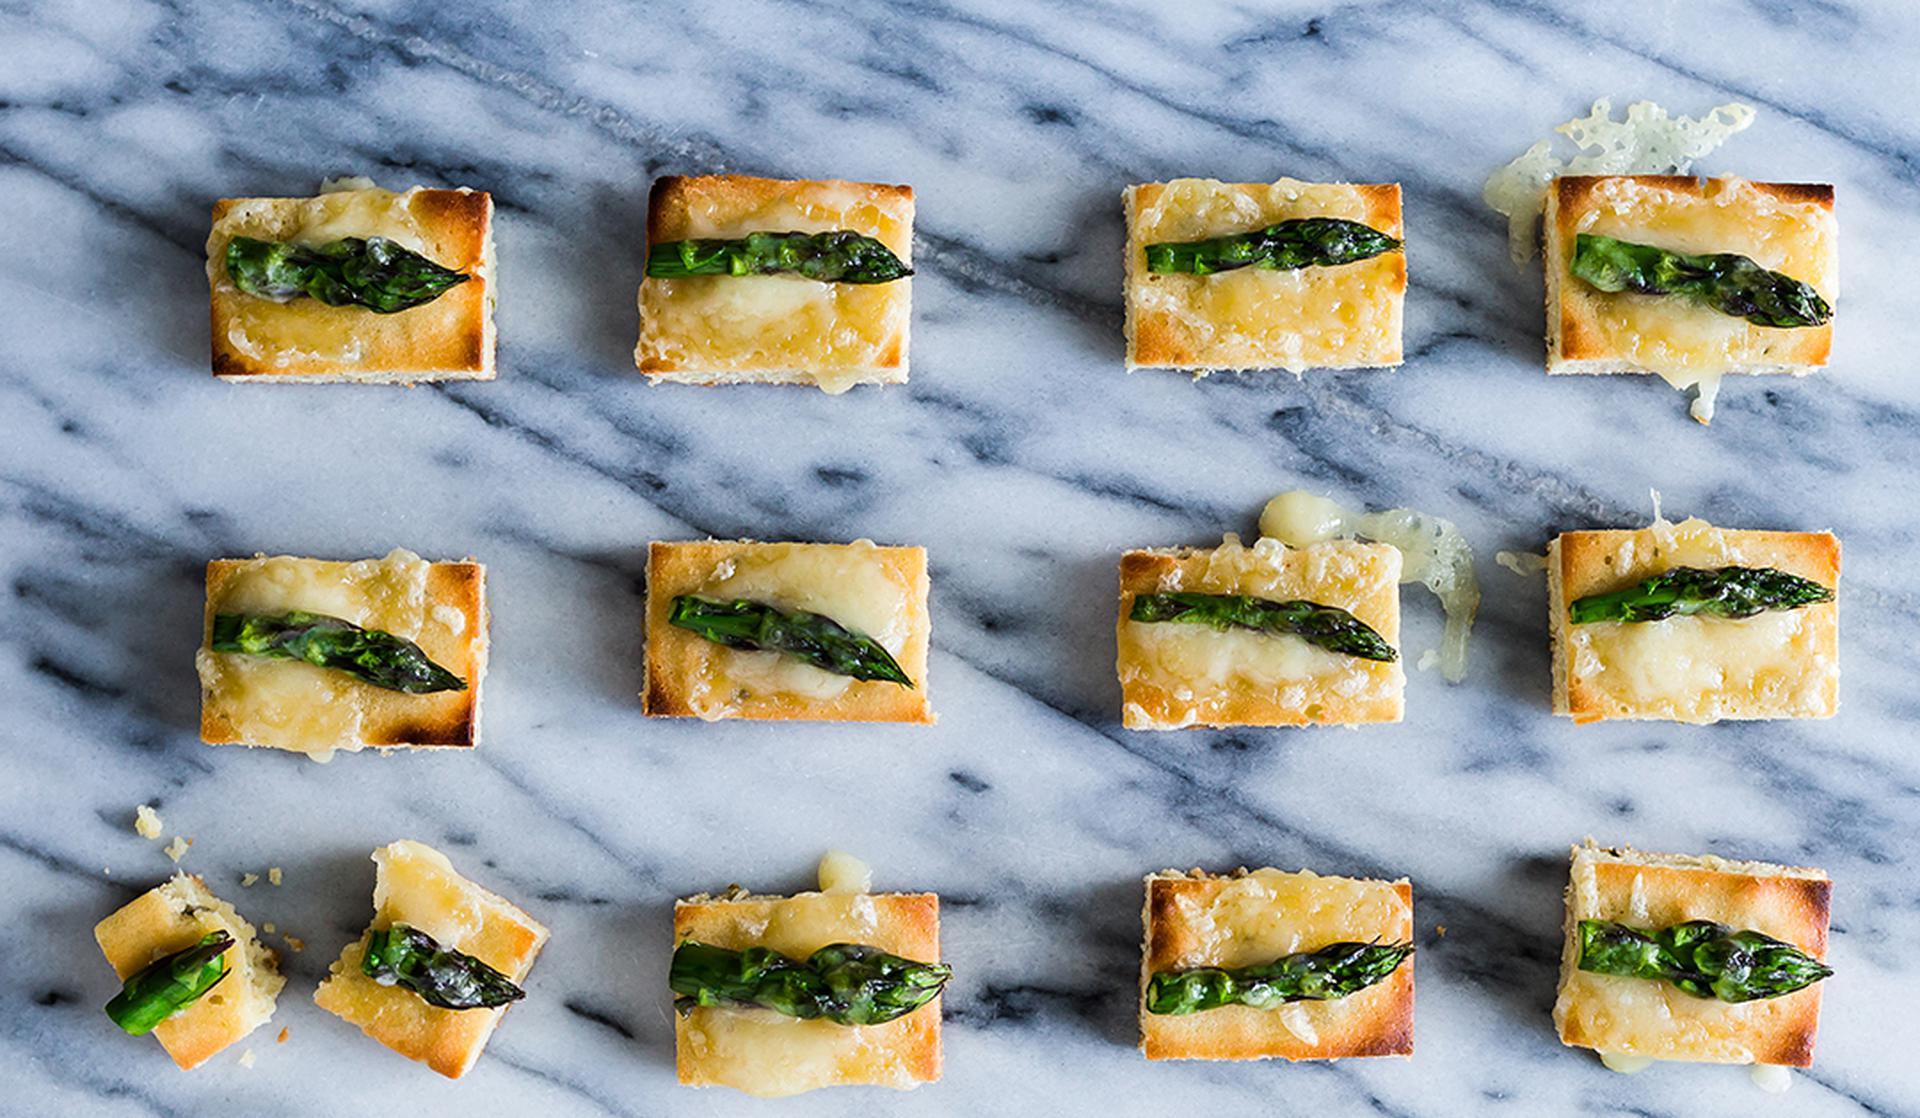 Qu'est-ce qu'un fromage sans lactose?